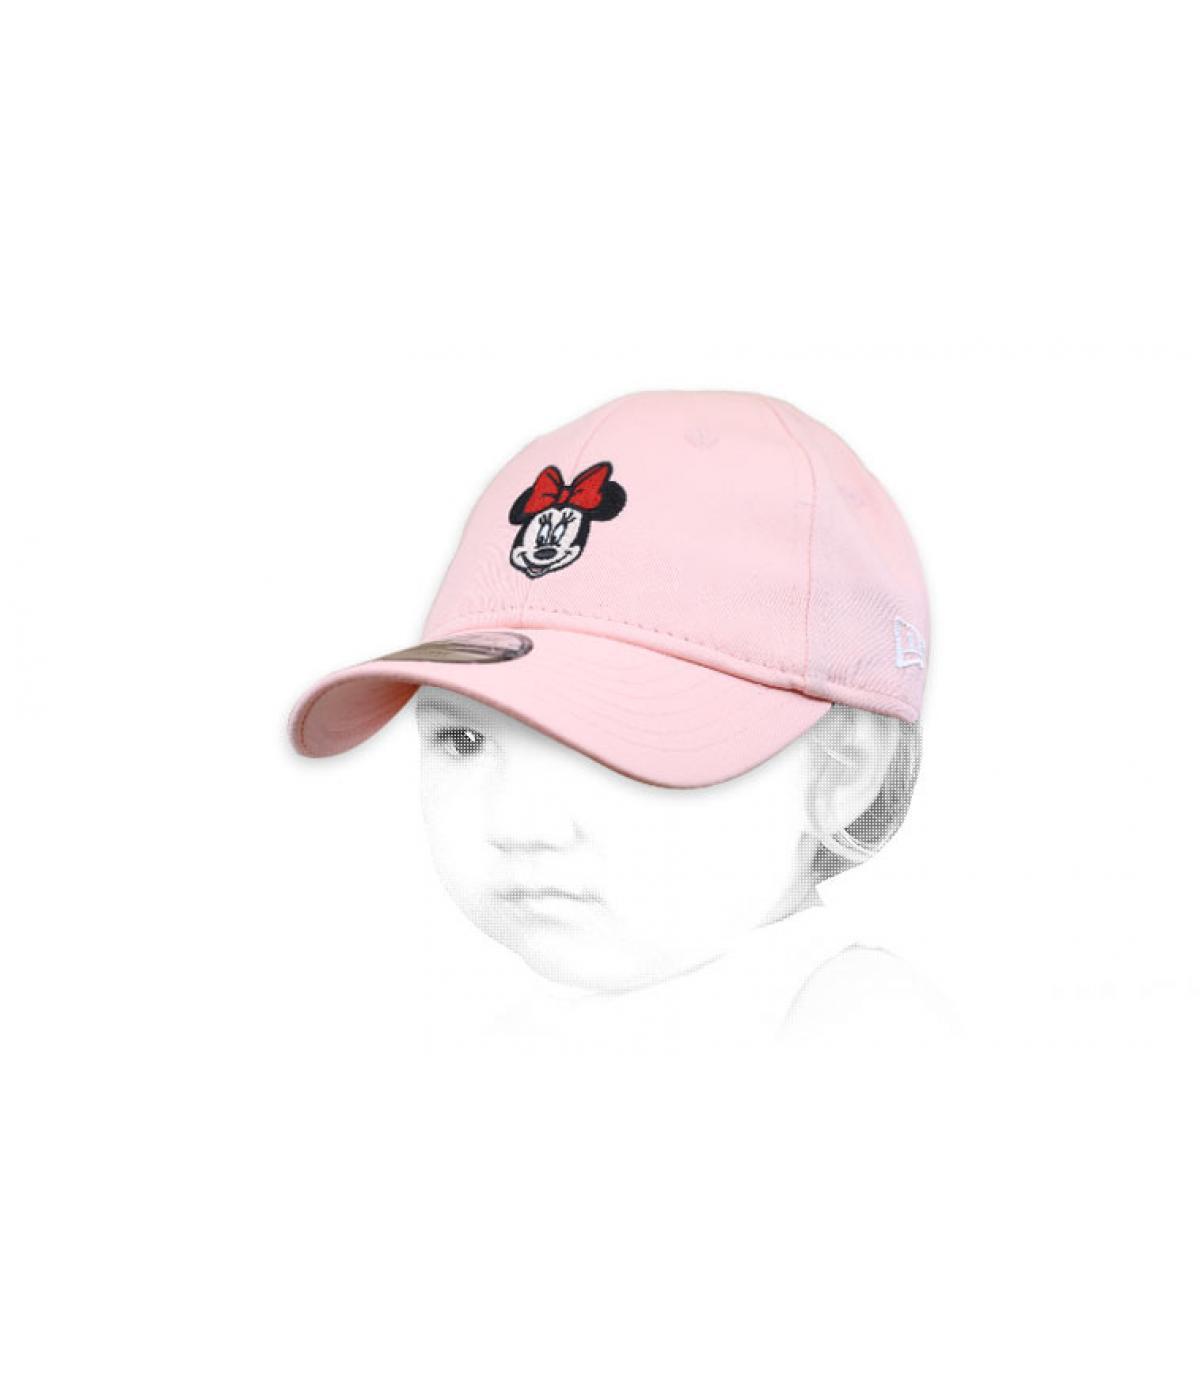 casquette bébé Minnie rose